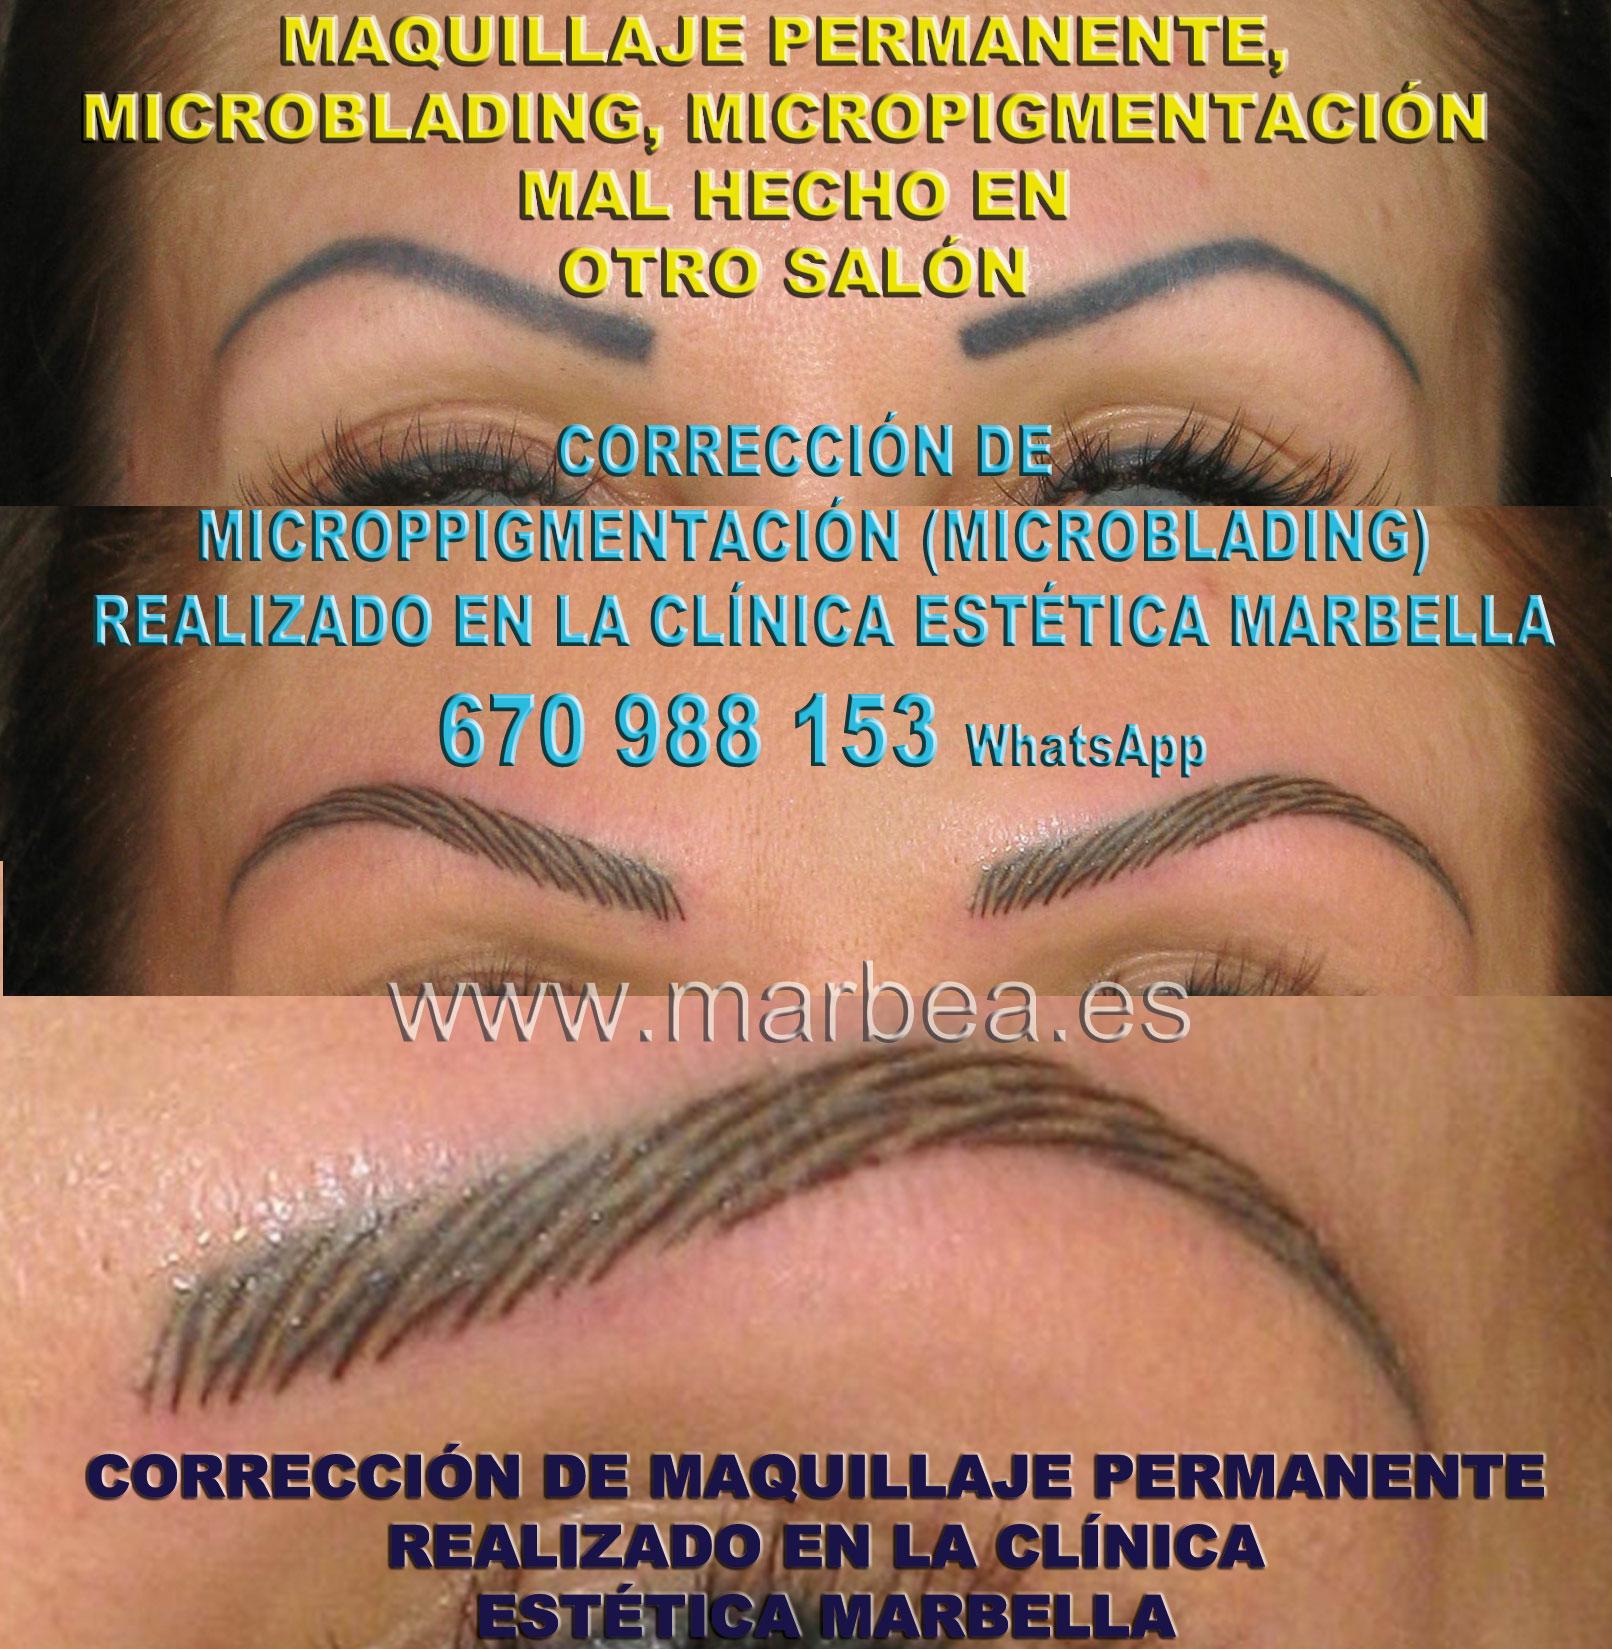 MAQUILLAJE PERMANENTE CEJAS MAL HECHO clínica estética micropigmentación propone como aclarar la micropigmentación cejas,micropigmentación correctiva cejas mal hecha